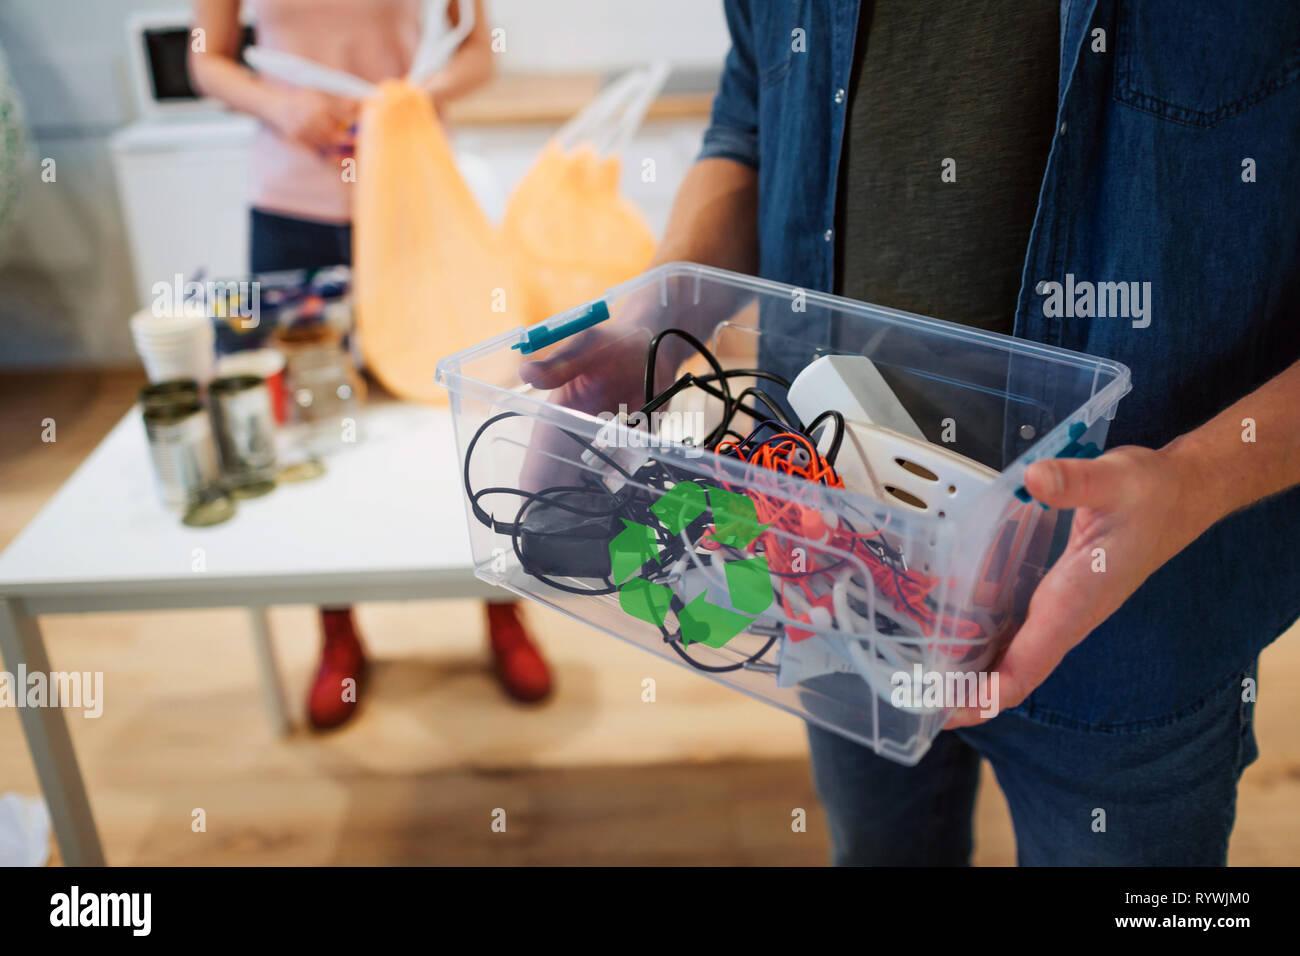 Il riciclaggio. Mescolati rifiuti elettronici in plastica contaner close-up. L'uomo responsabile è la protezione dell'ambiente, mentre la cernita dei rifiuti a casa Immagini Stock